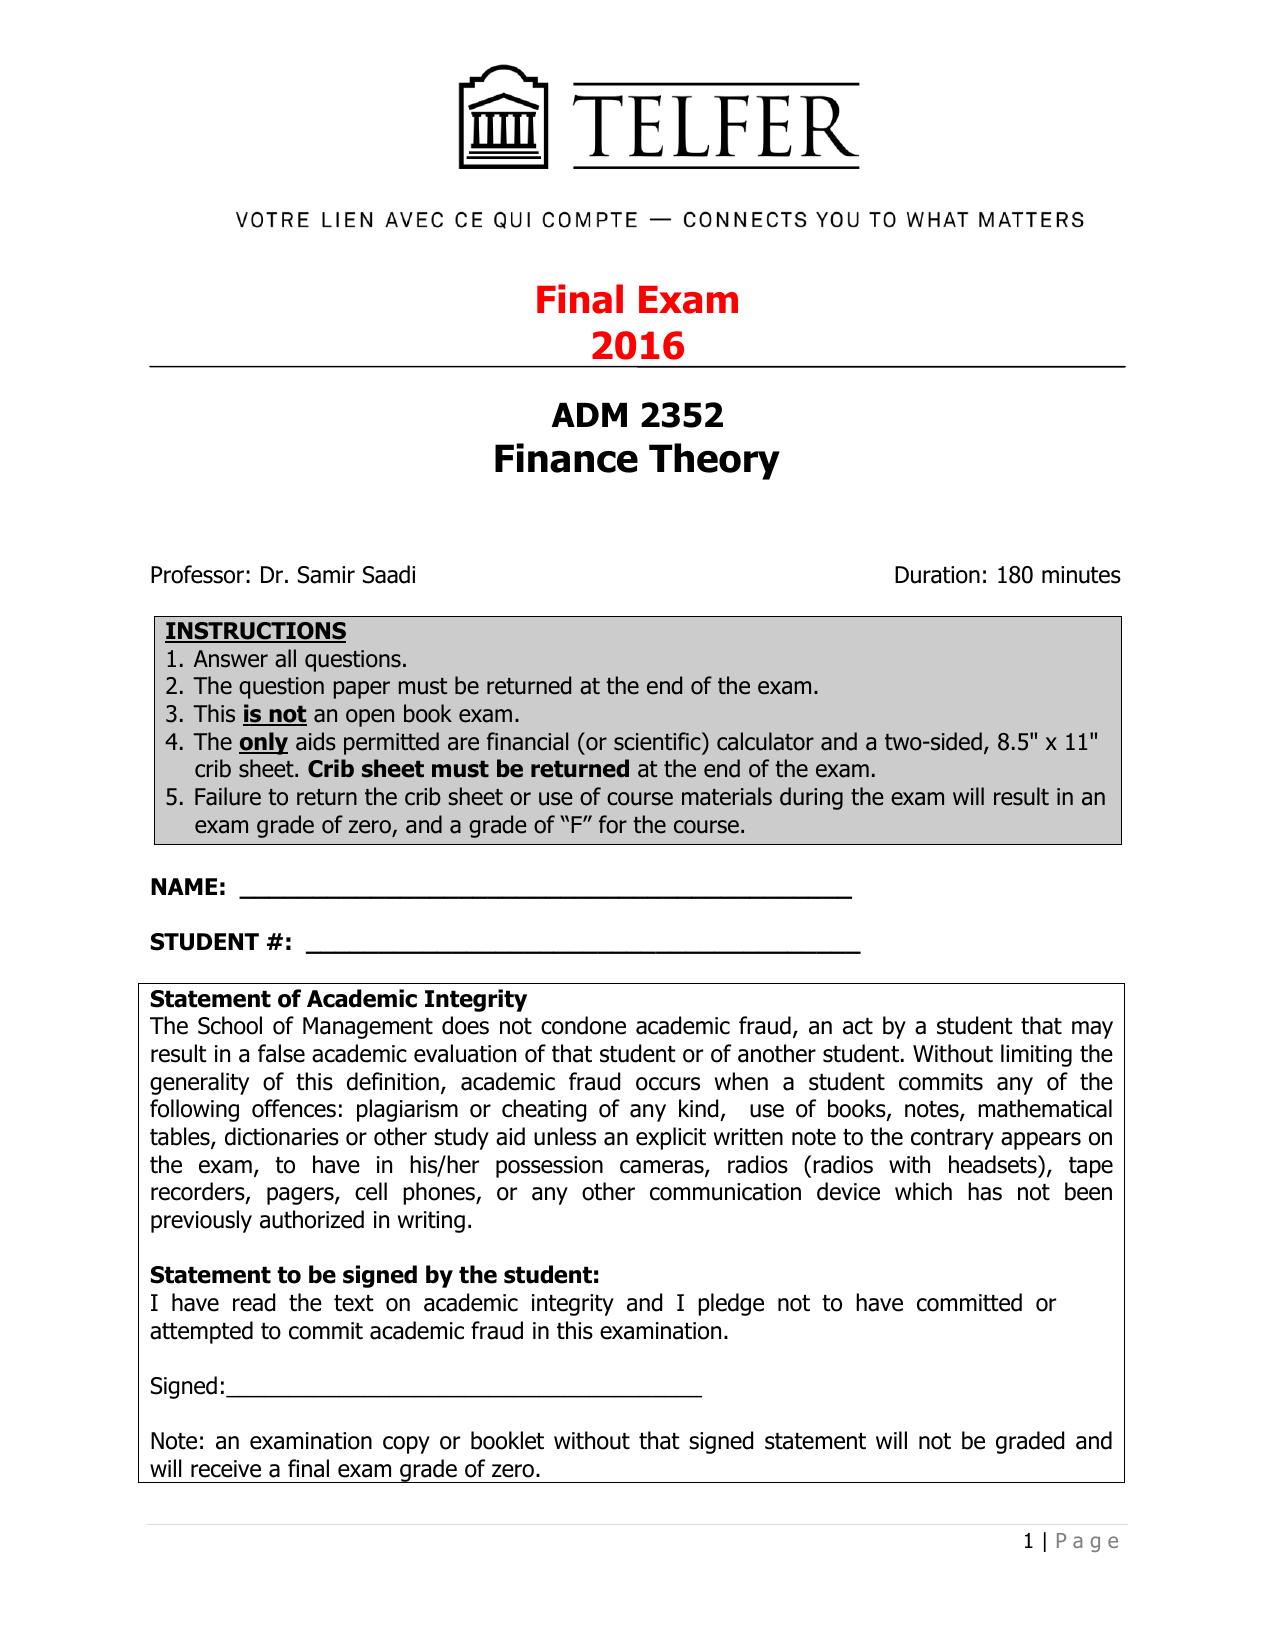 Final Exam ADM2352 2016.pdf